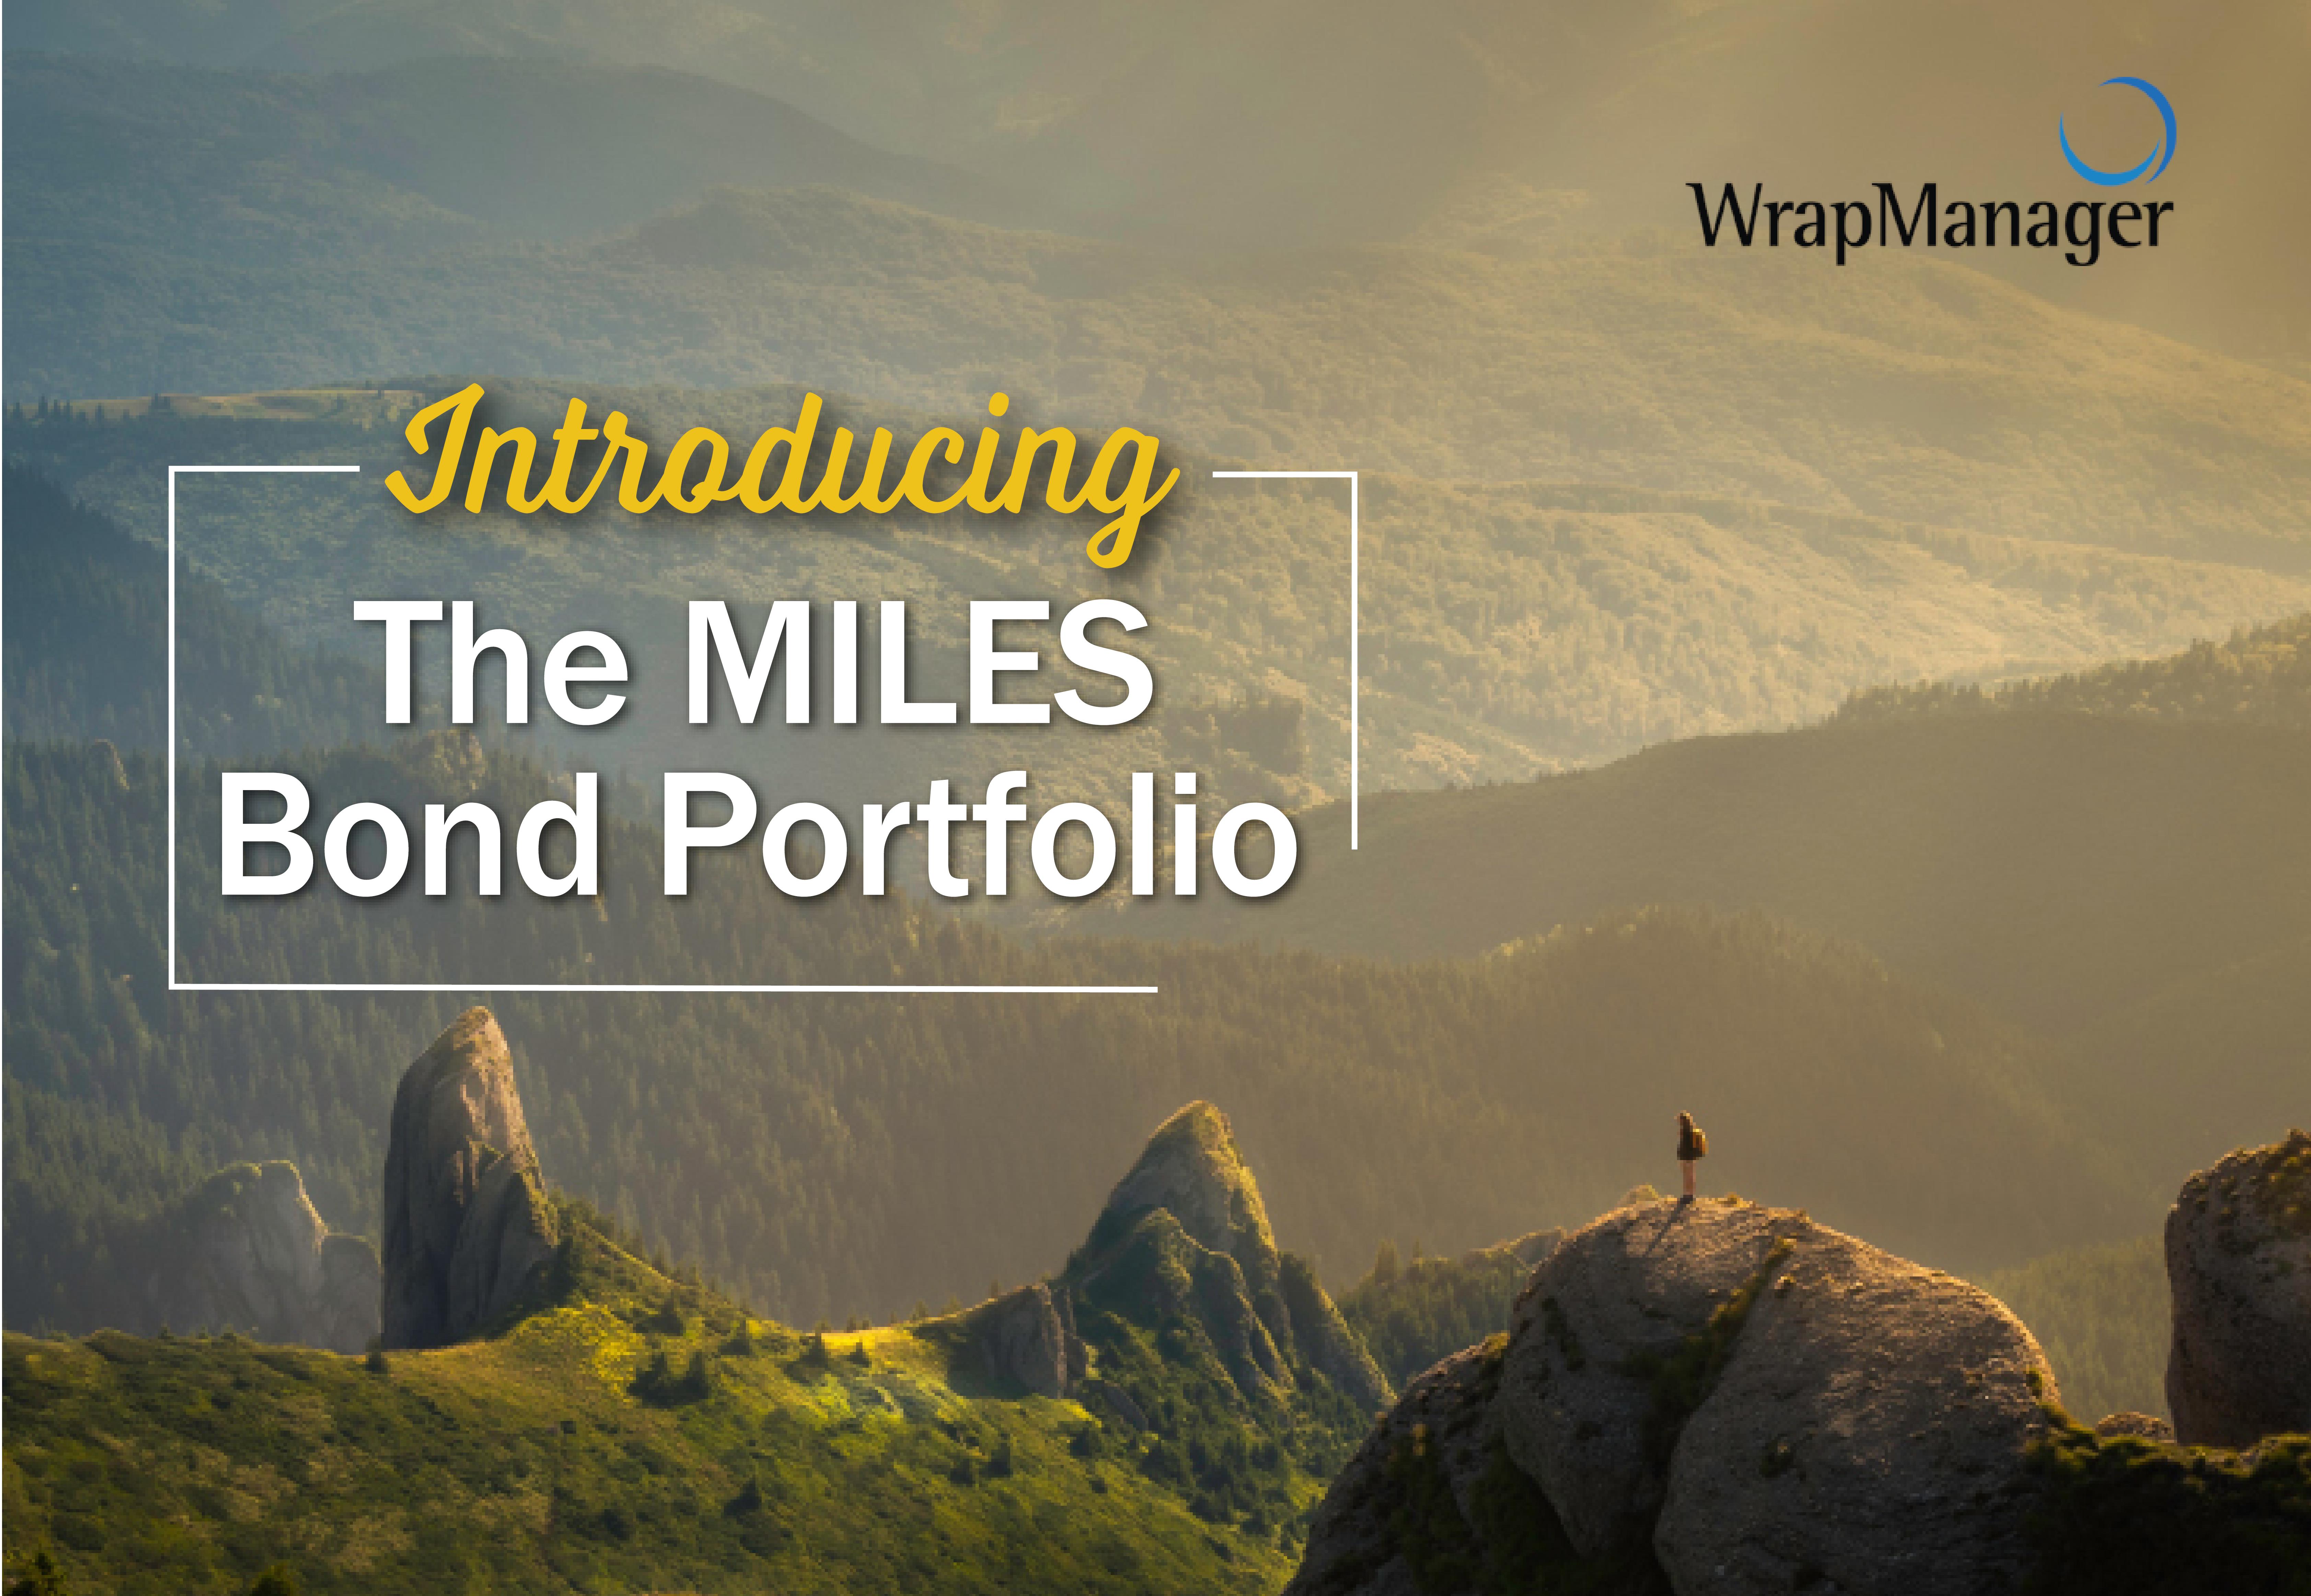 Introducing the MILES Bond Portfolio